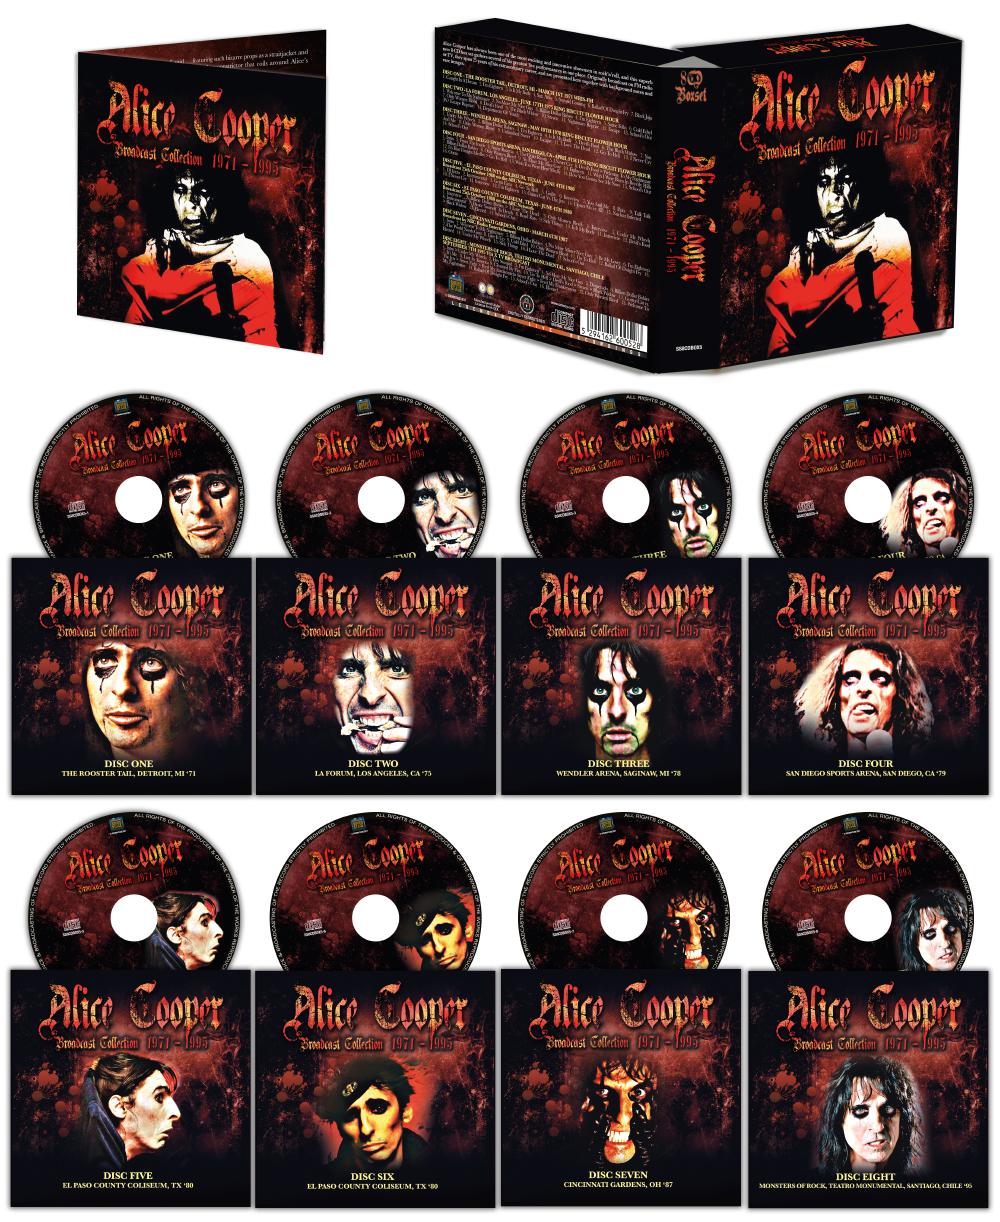 8CD Alice Cooper Boxset